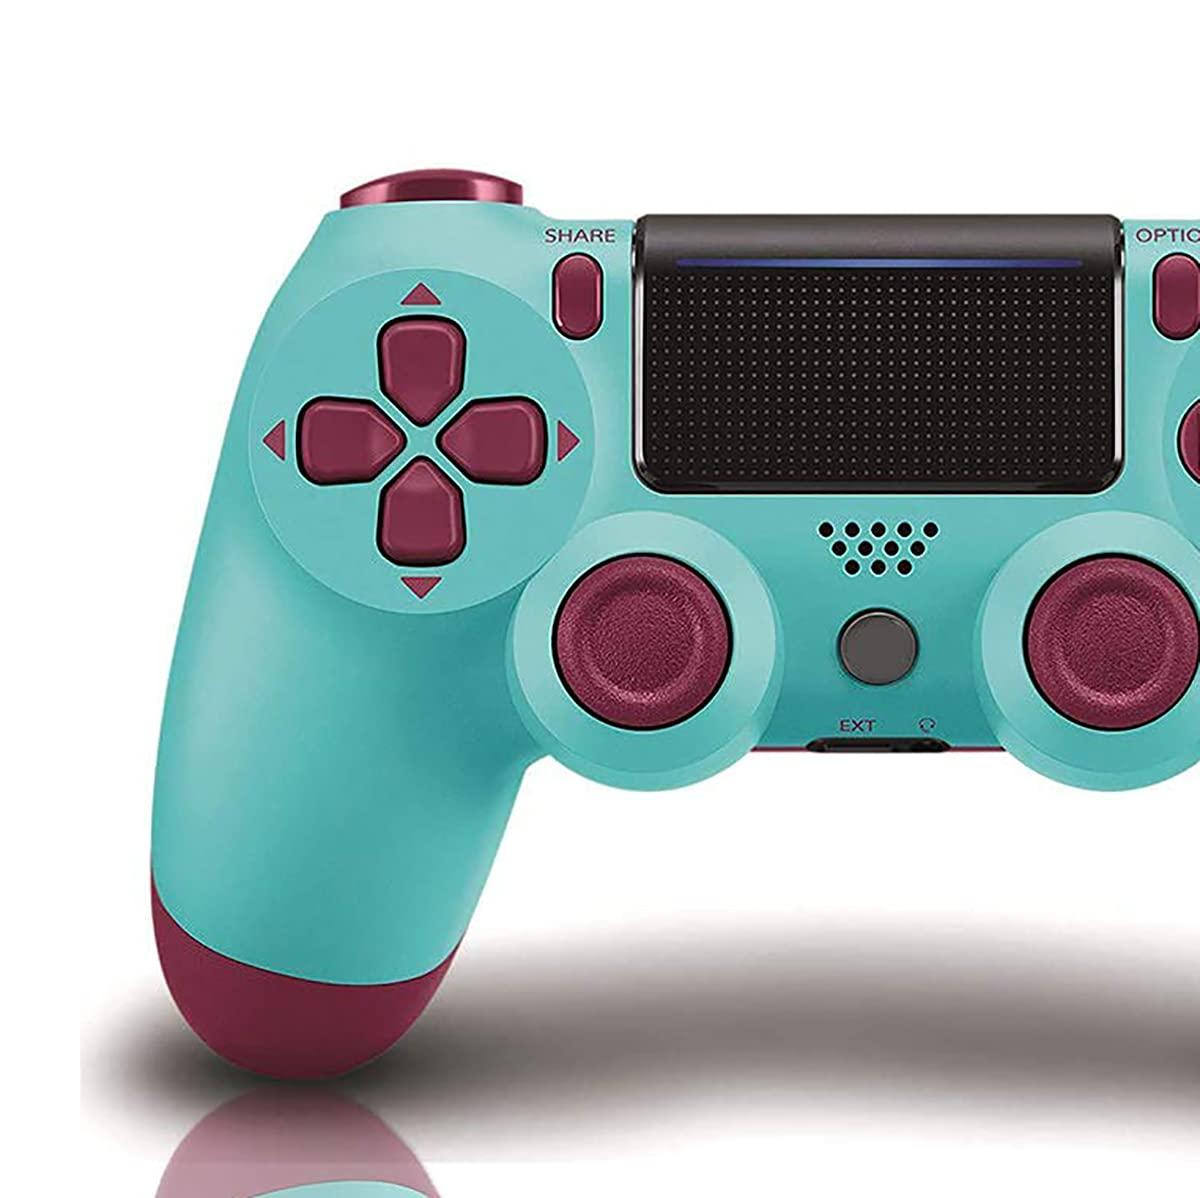 을위한 게임 컨트롤러 PS4 무선 게임 패드 PS4 | PS4PRO | PC 고 노트북으로 진동과 오디오 기능 미니 LED 표시 높은 민감한 컨트롤러와 반대로-미끄러짐(베리 블루)